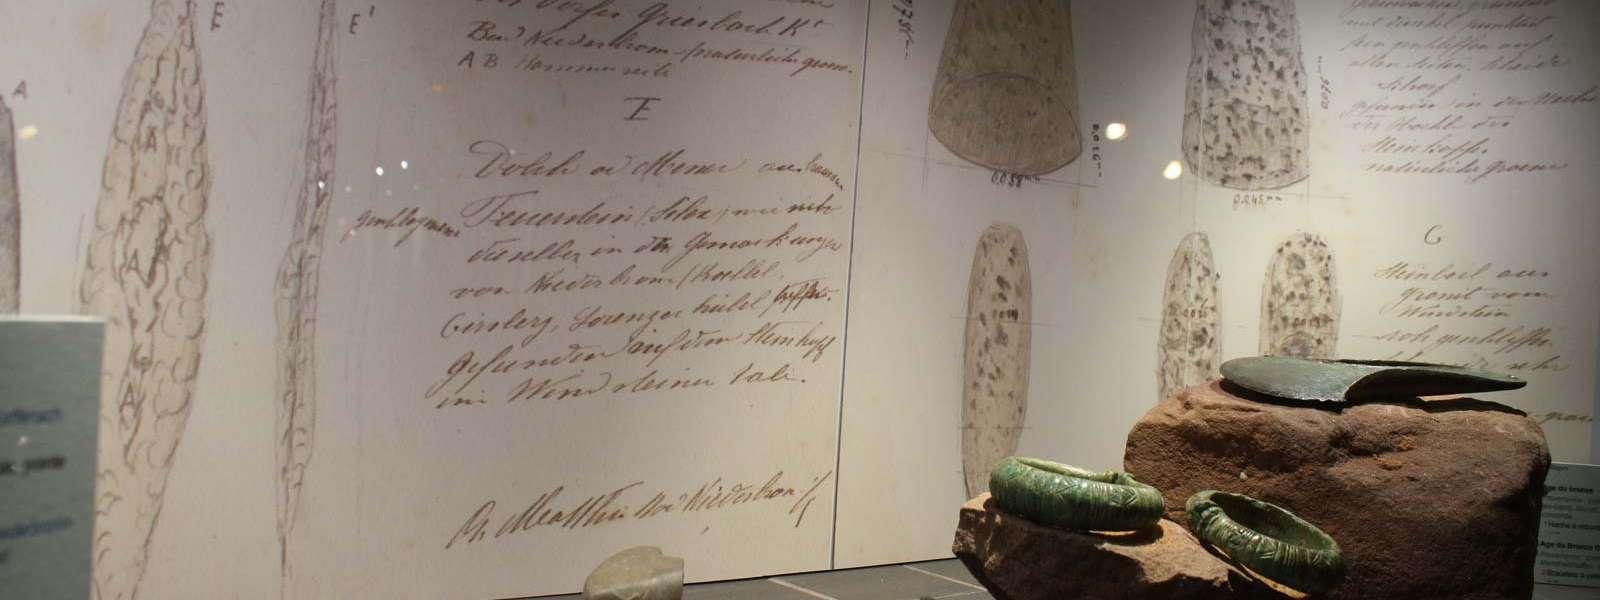 Maison de l'Archéologie, section Préhistoire, Niederbronn-les-Bains, Alsace